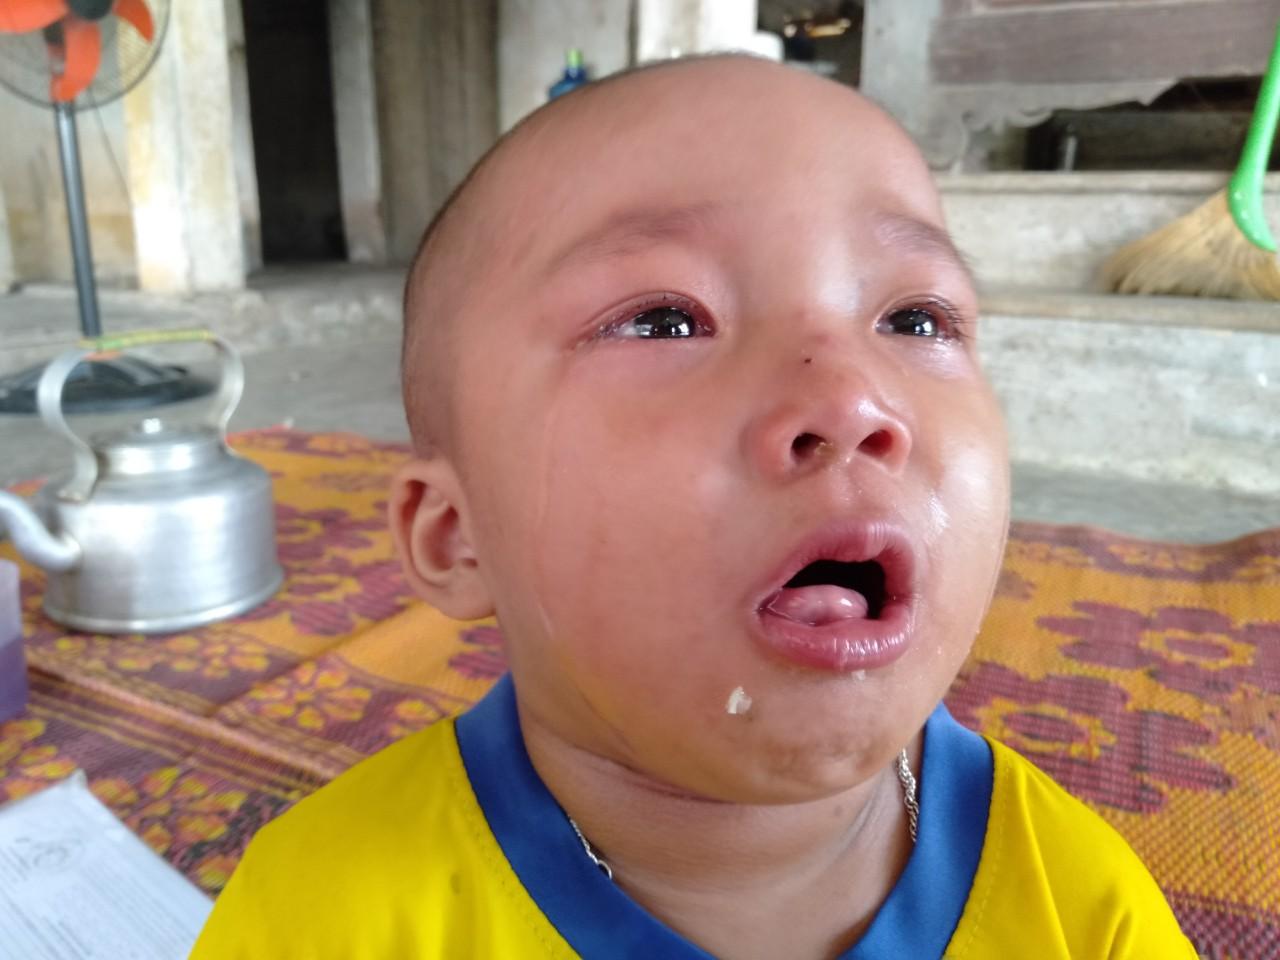 Tiếng khóc xé lòng của bé gái 3 tuổi mắc bệnh hiểm nghèo - Ảnh 2